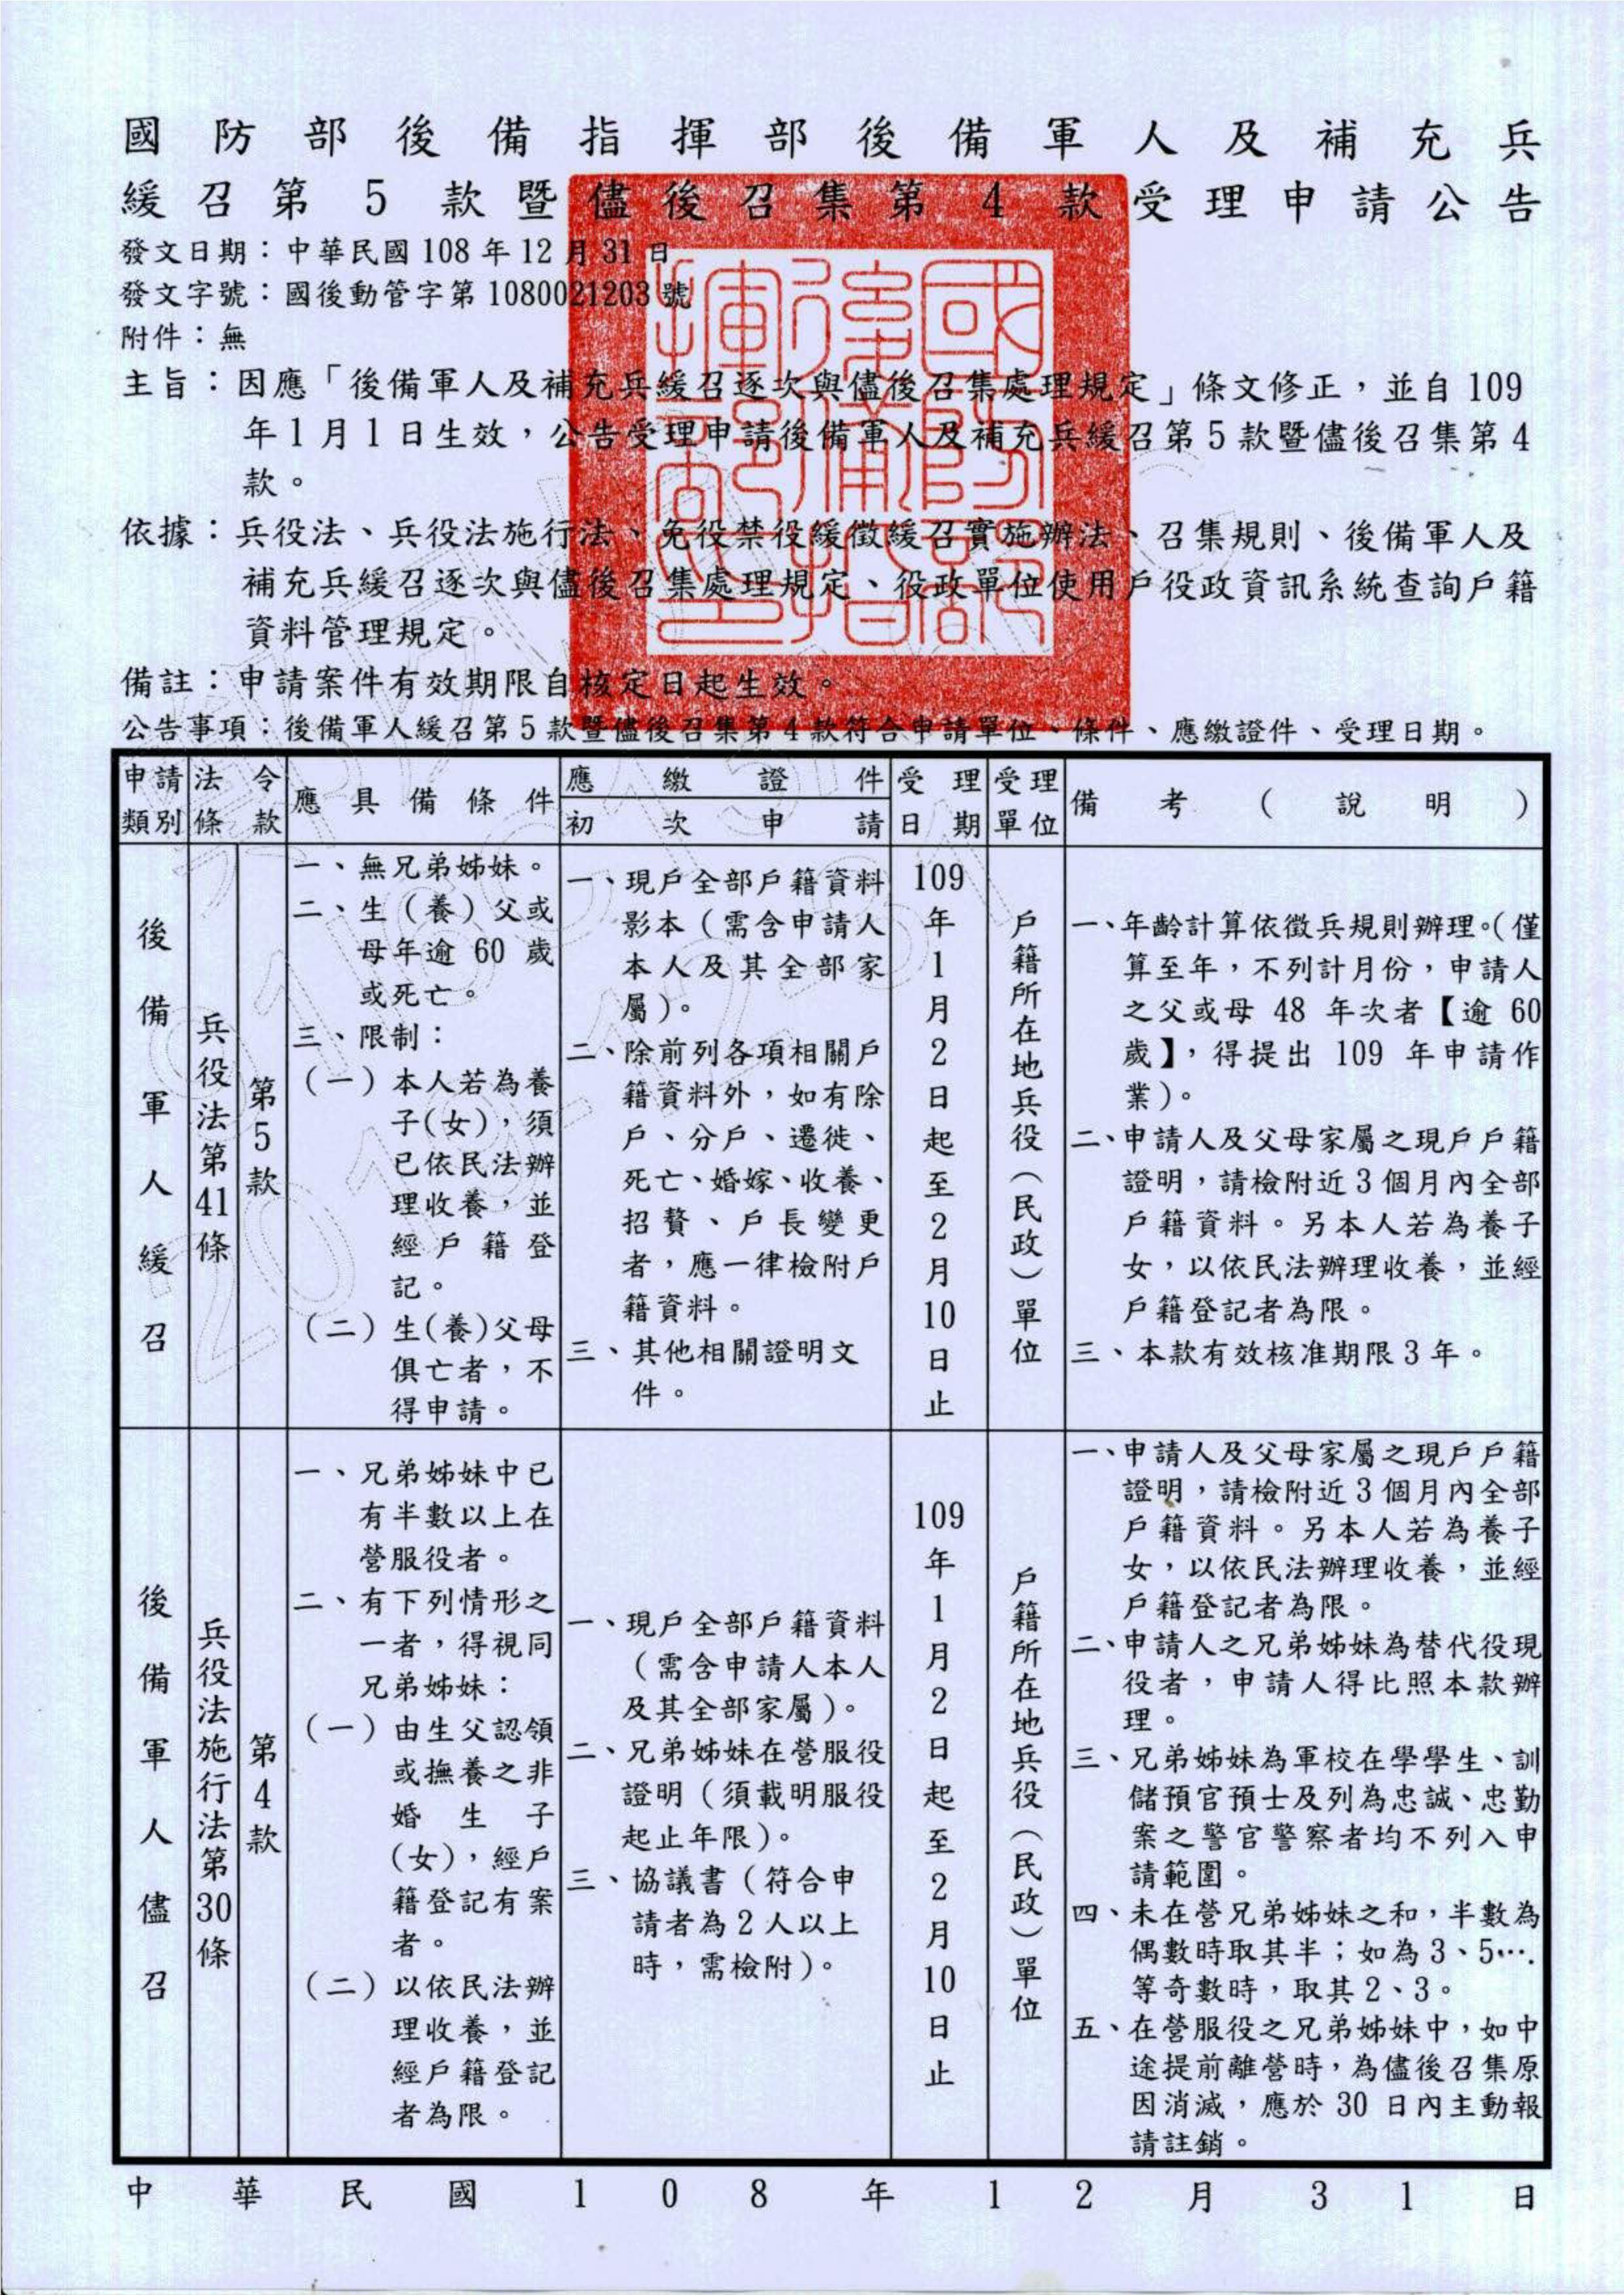 後備軍人及補充兵緩召第5款暨儘後召集第4款受理申請公告